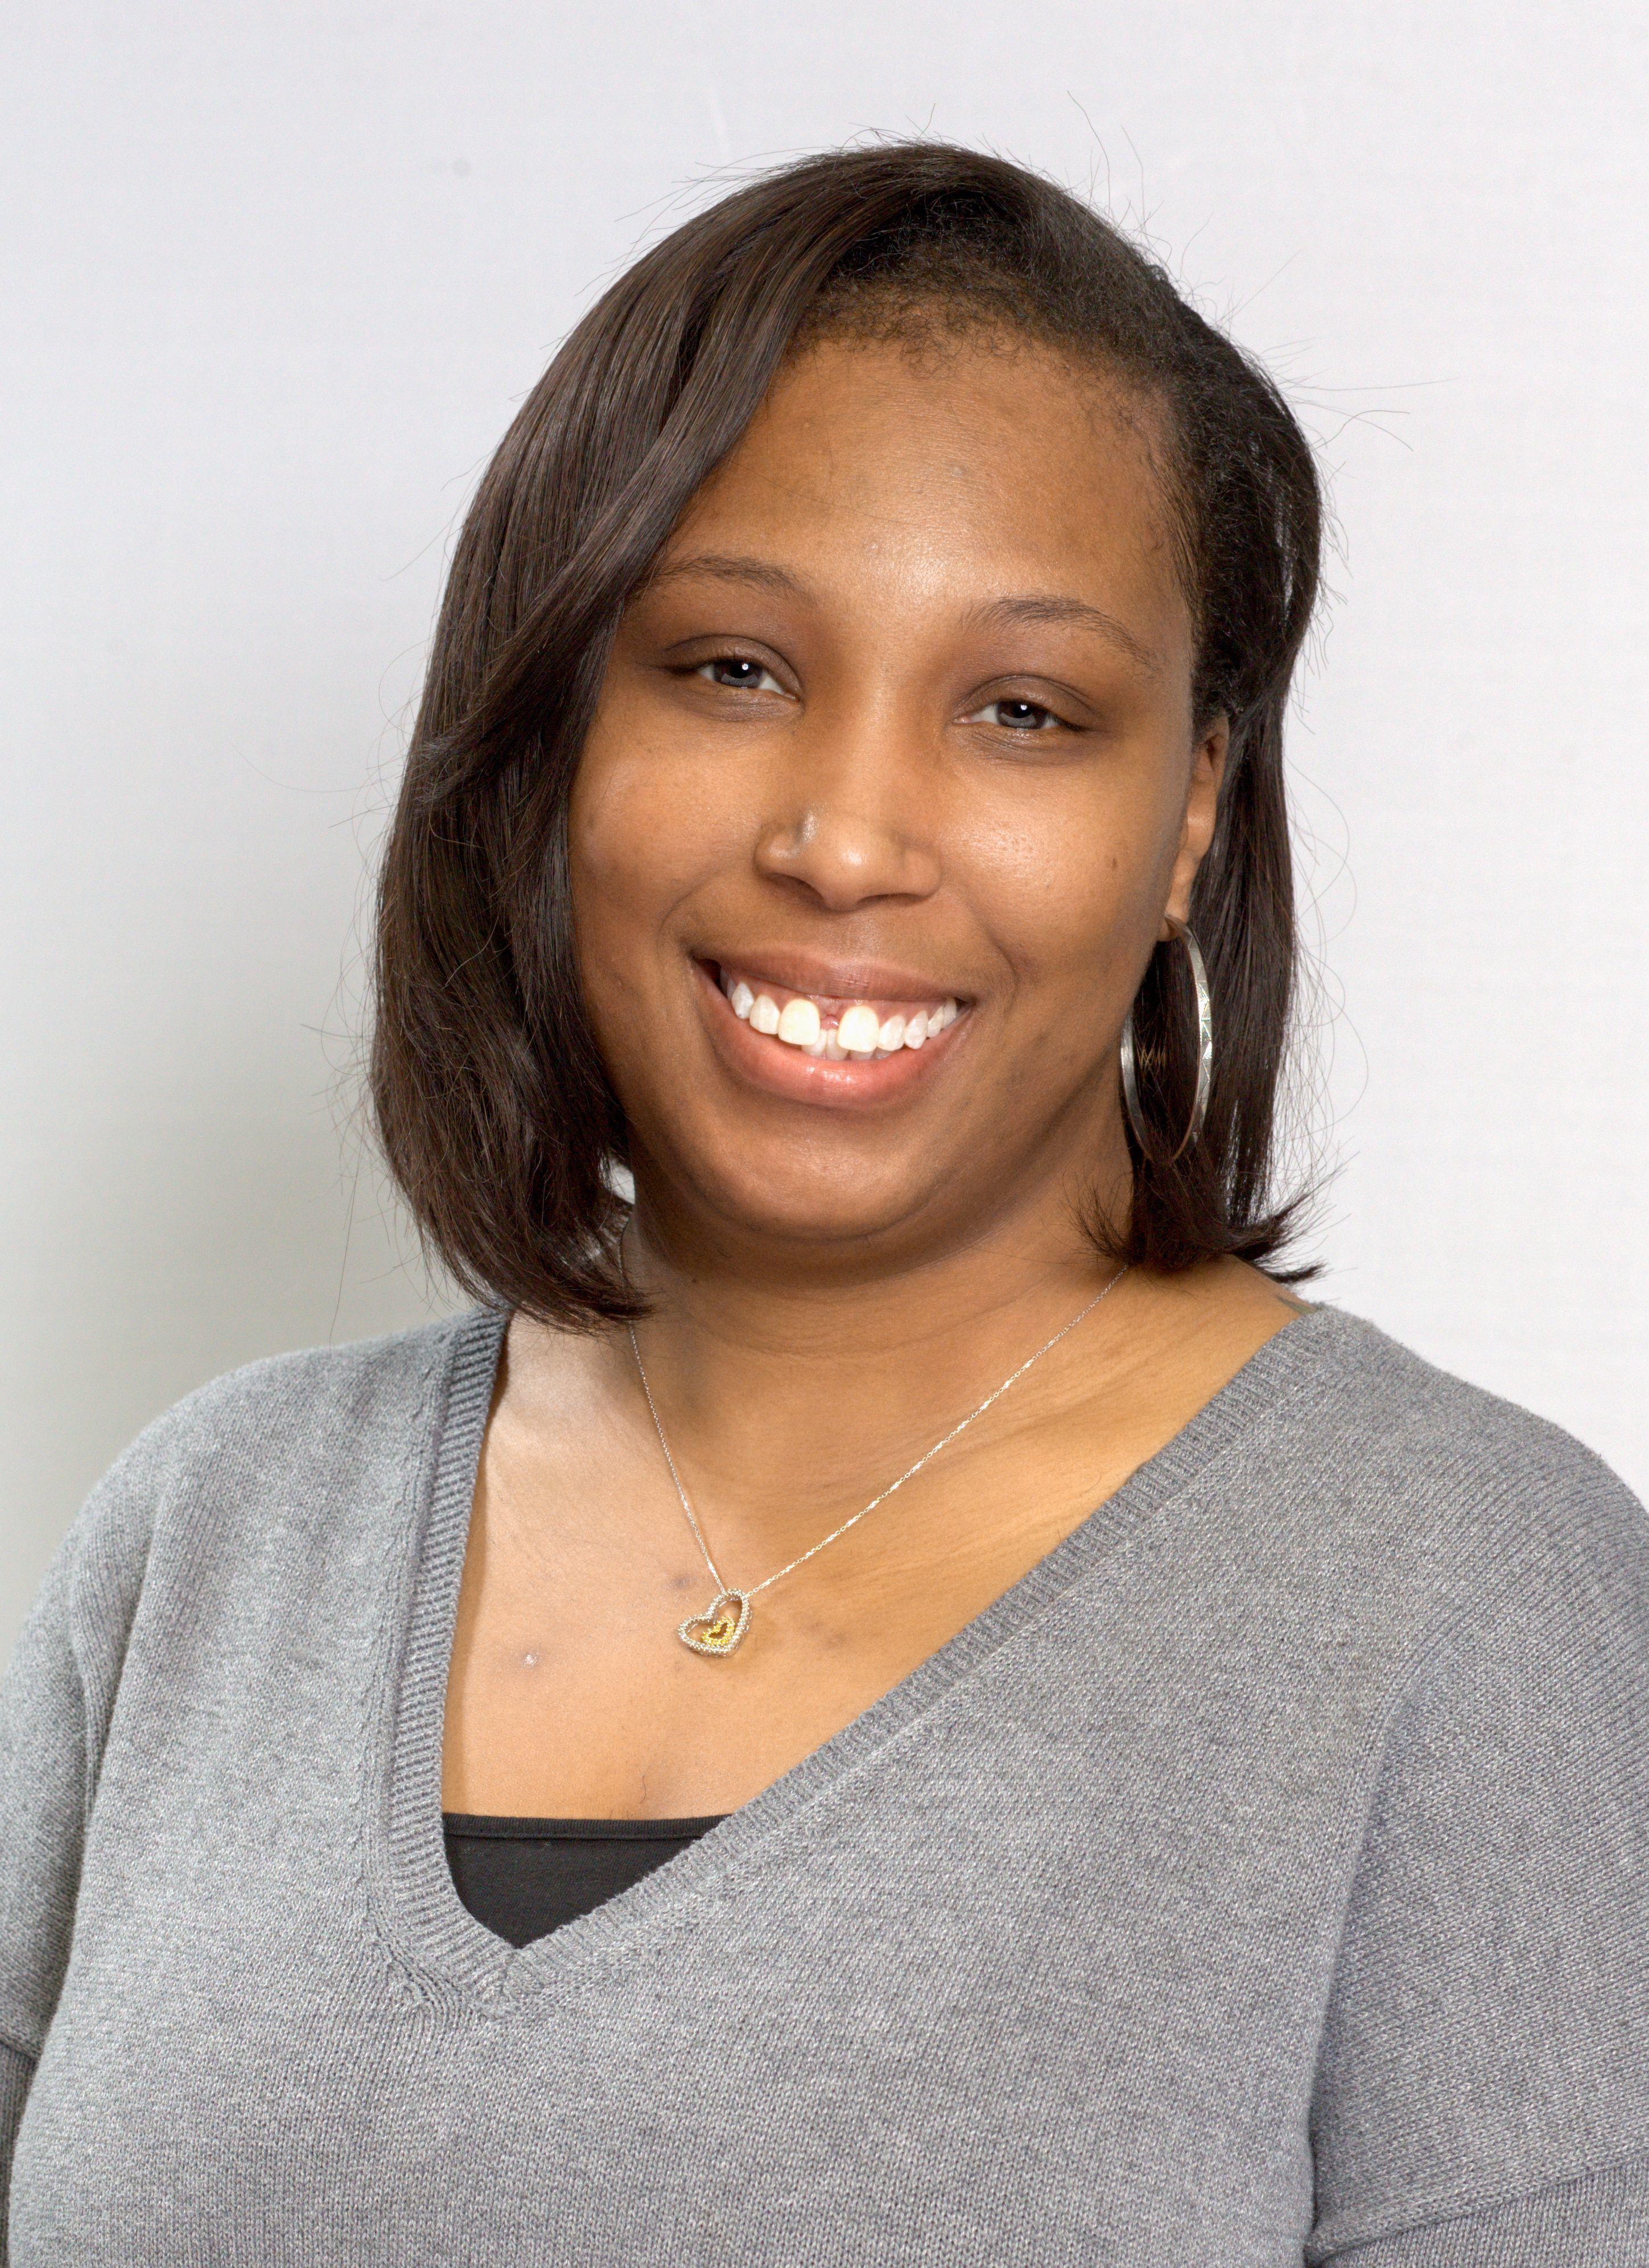 Chazarae Hatten, MS - Program Manager